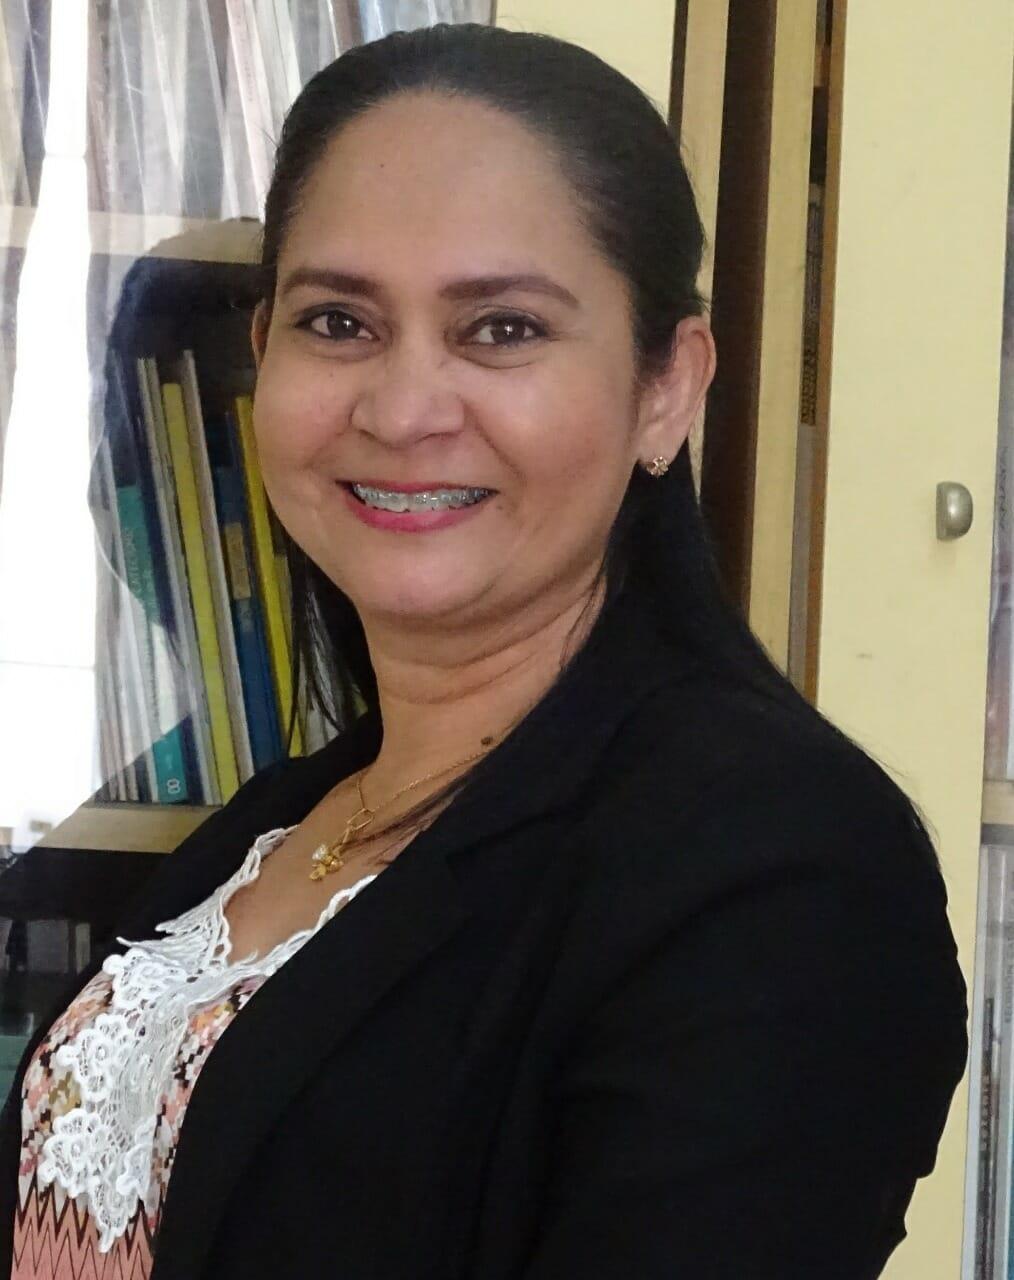 Ana Fernandez Ynfante